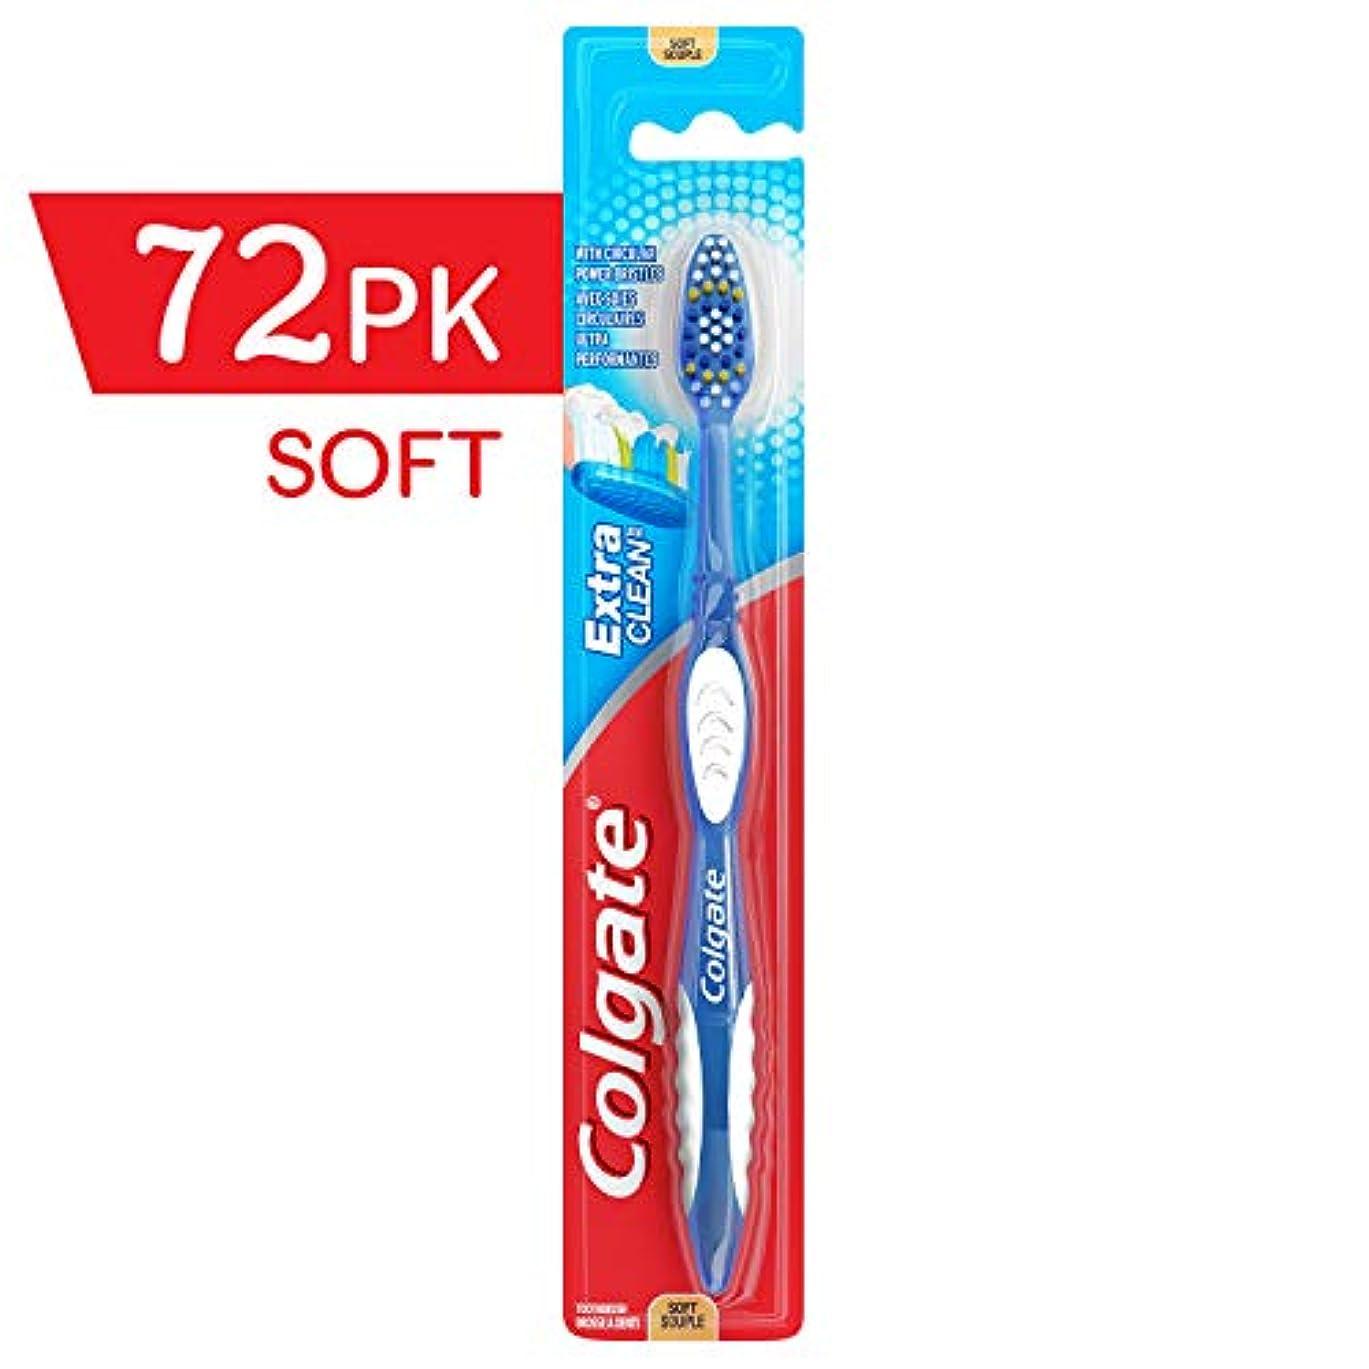 ライブブリーフケースかもめColgate エクストラクリーン歯ブラシソフト、柔らかい歯ブラシ、バルク歯ブラシ、旅行歯ブラシ、(72の場合)(モデル番号:155676)